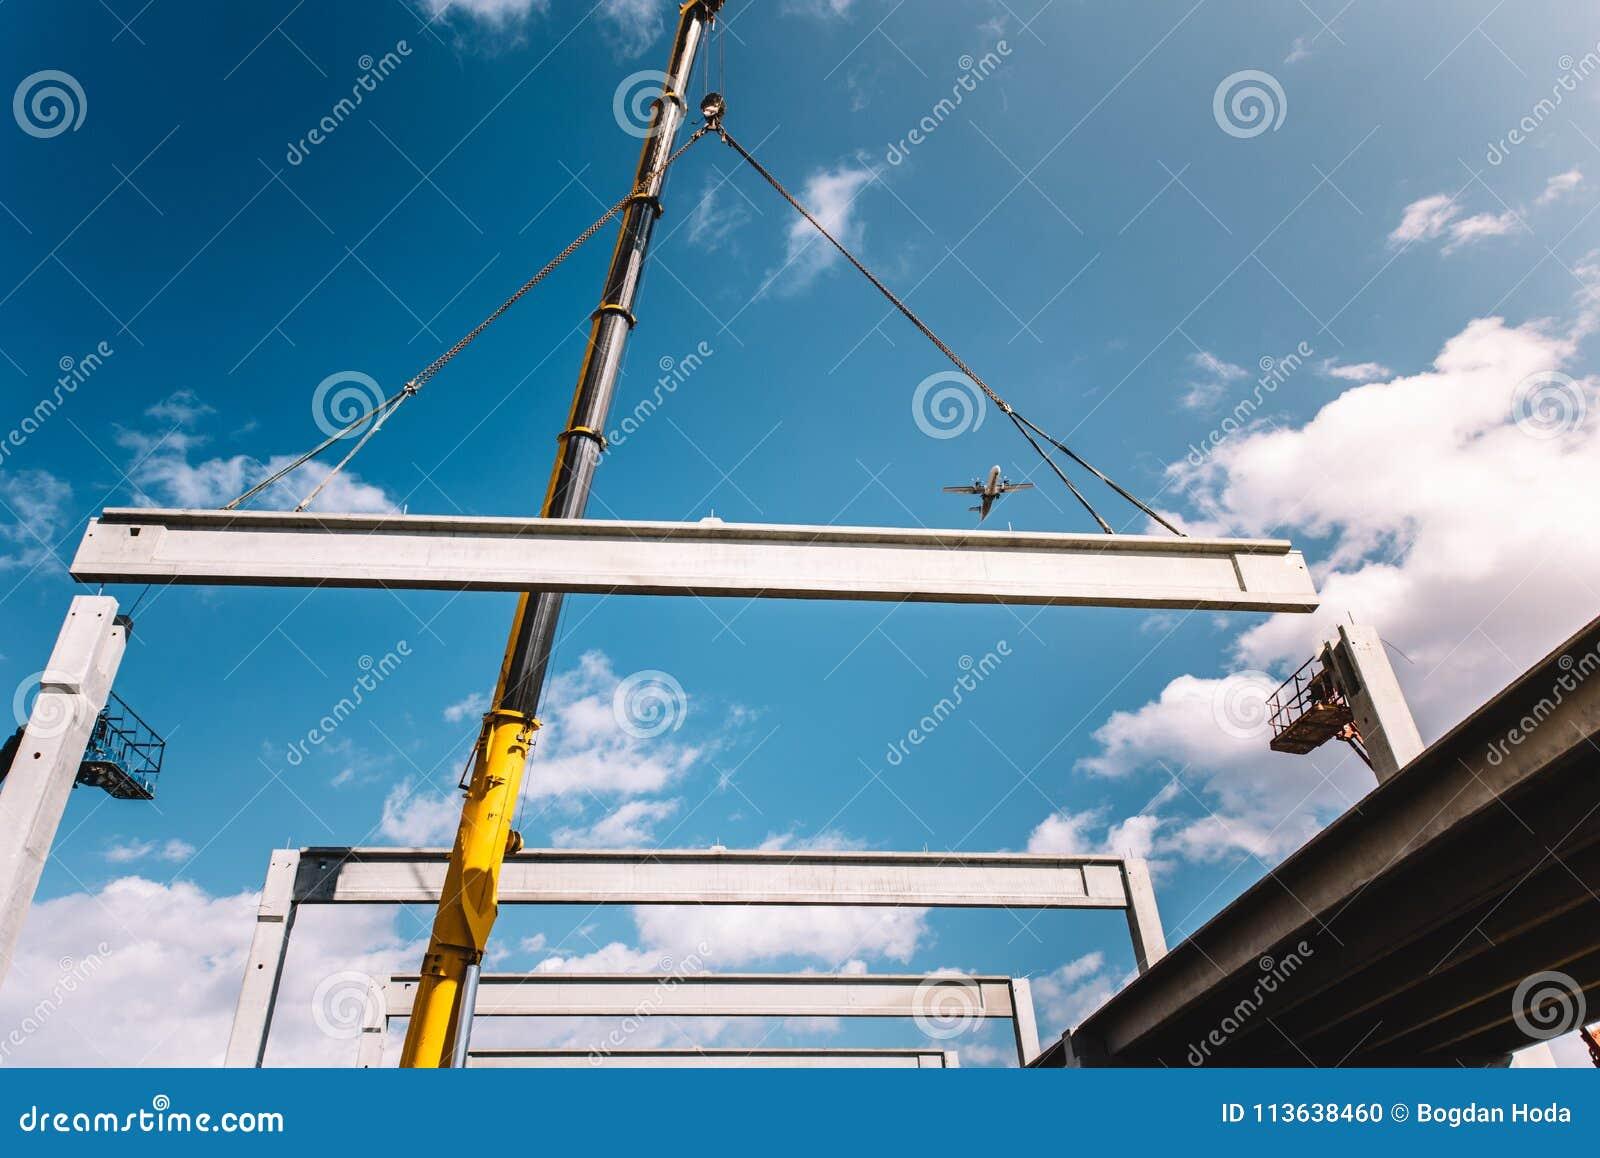 Chantier de construction industriel avec la grue à tour fonctionnant avec les faisceaux et les piliers préfabriqués